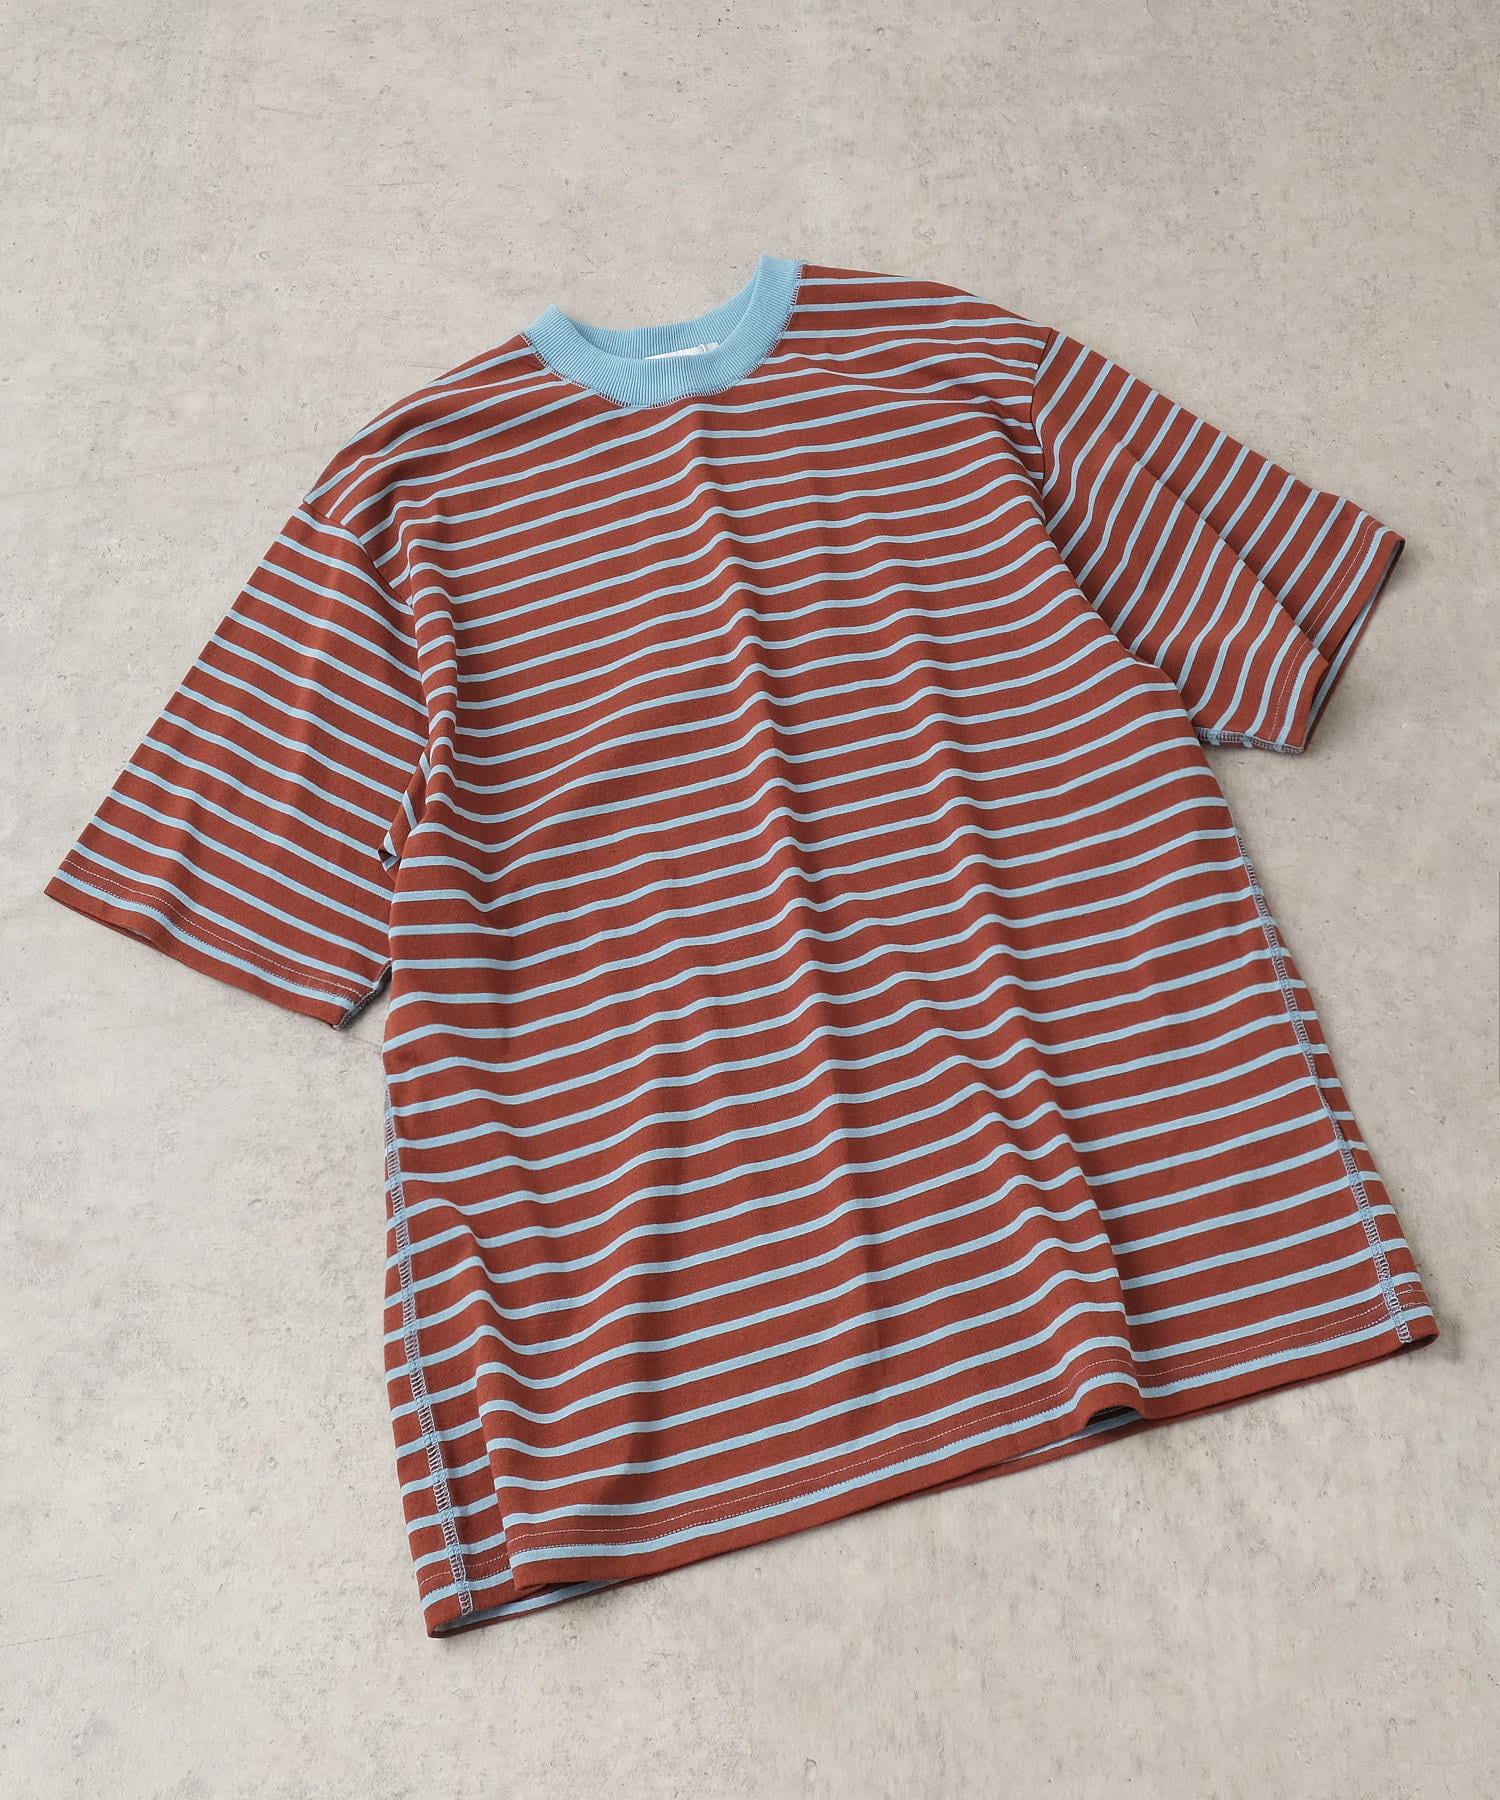 Discoat(ディスコート) リンガーボーダーTシャツ